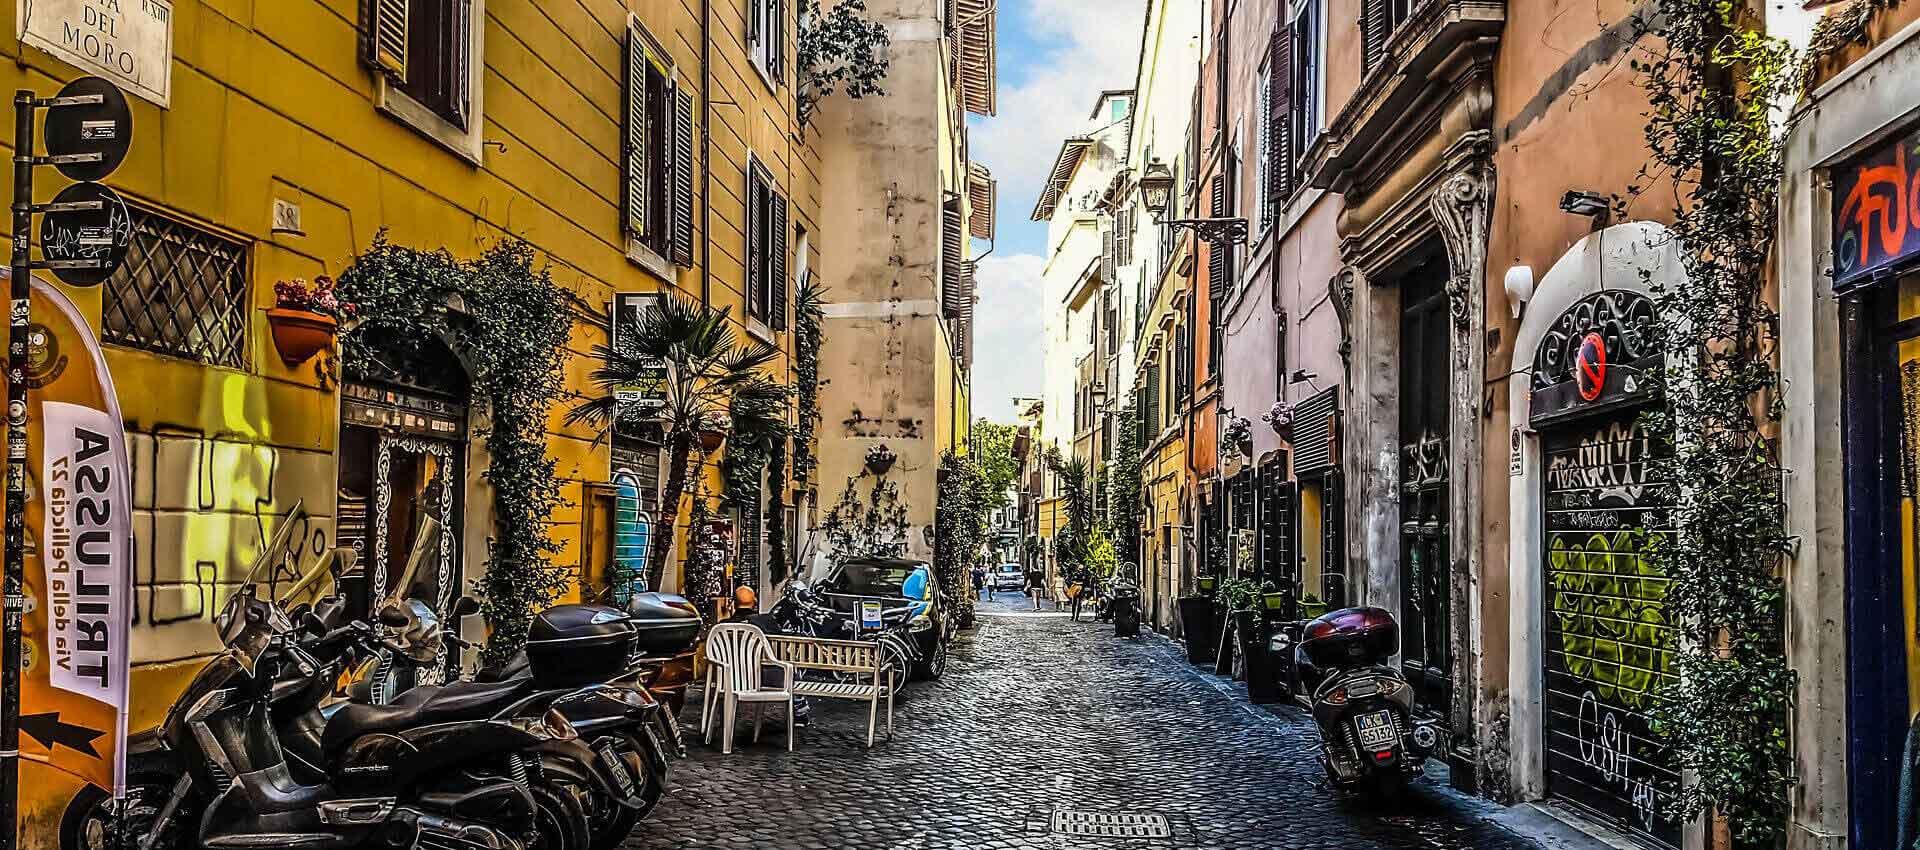 Trastevere-street